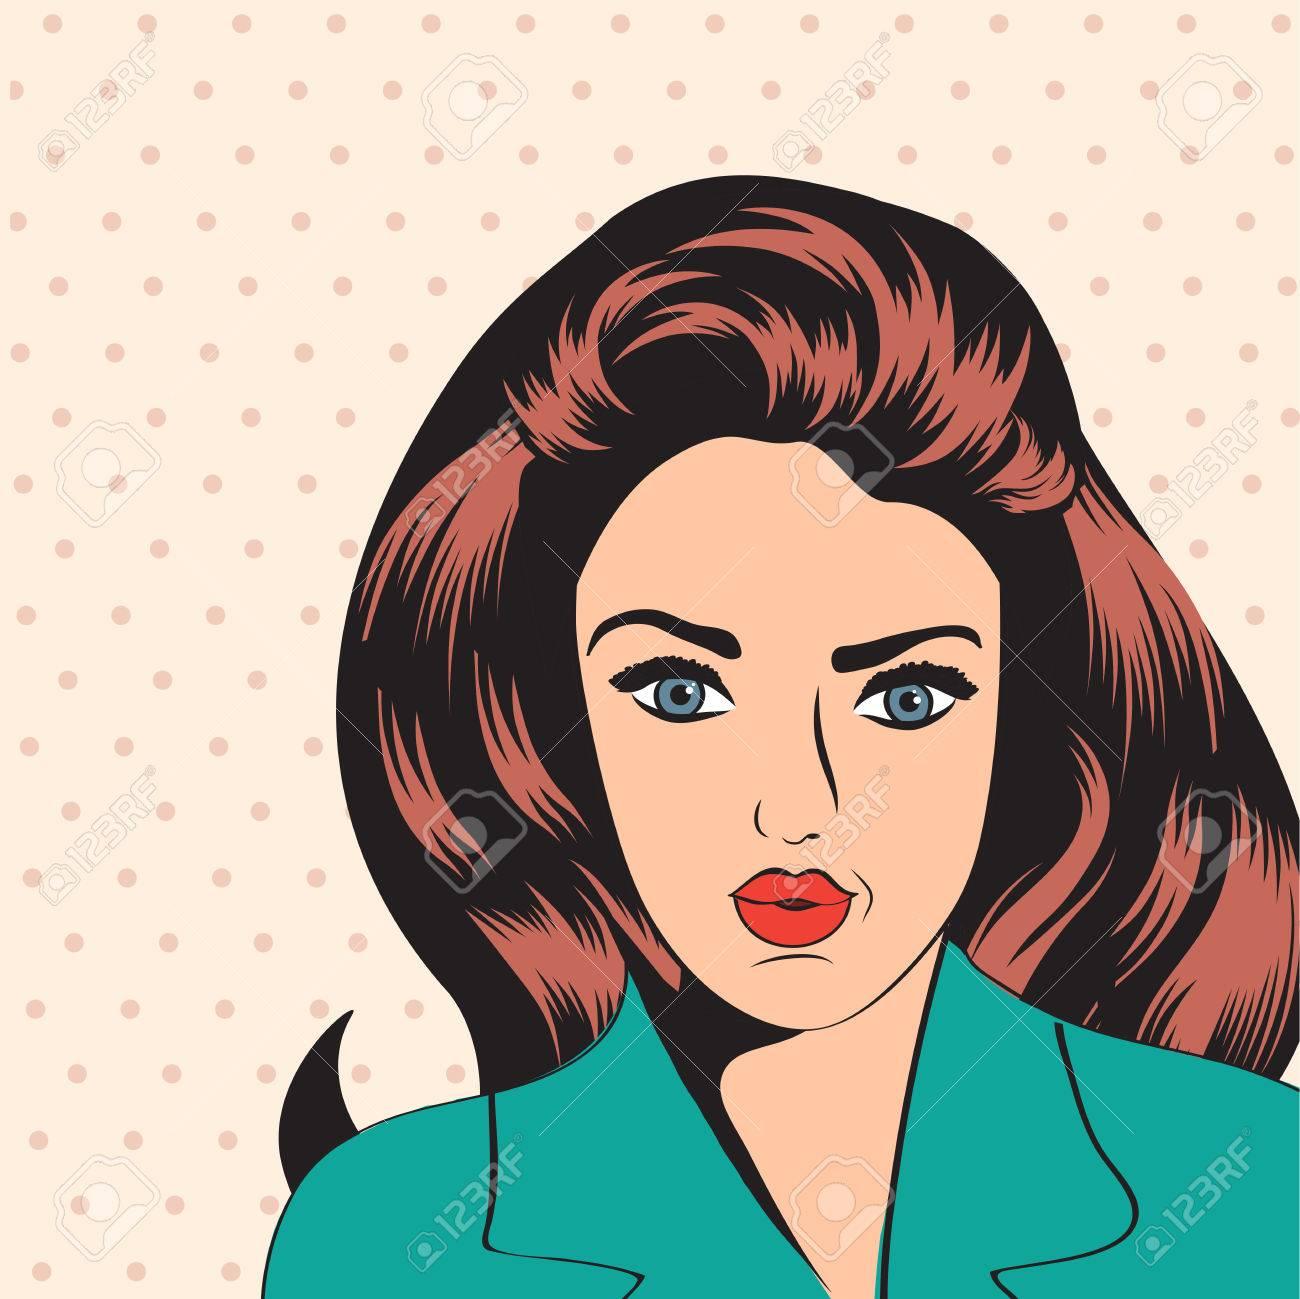 漫画スタイルのイラストでかわいいレトロな女性のイラスト素材ベクタ